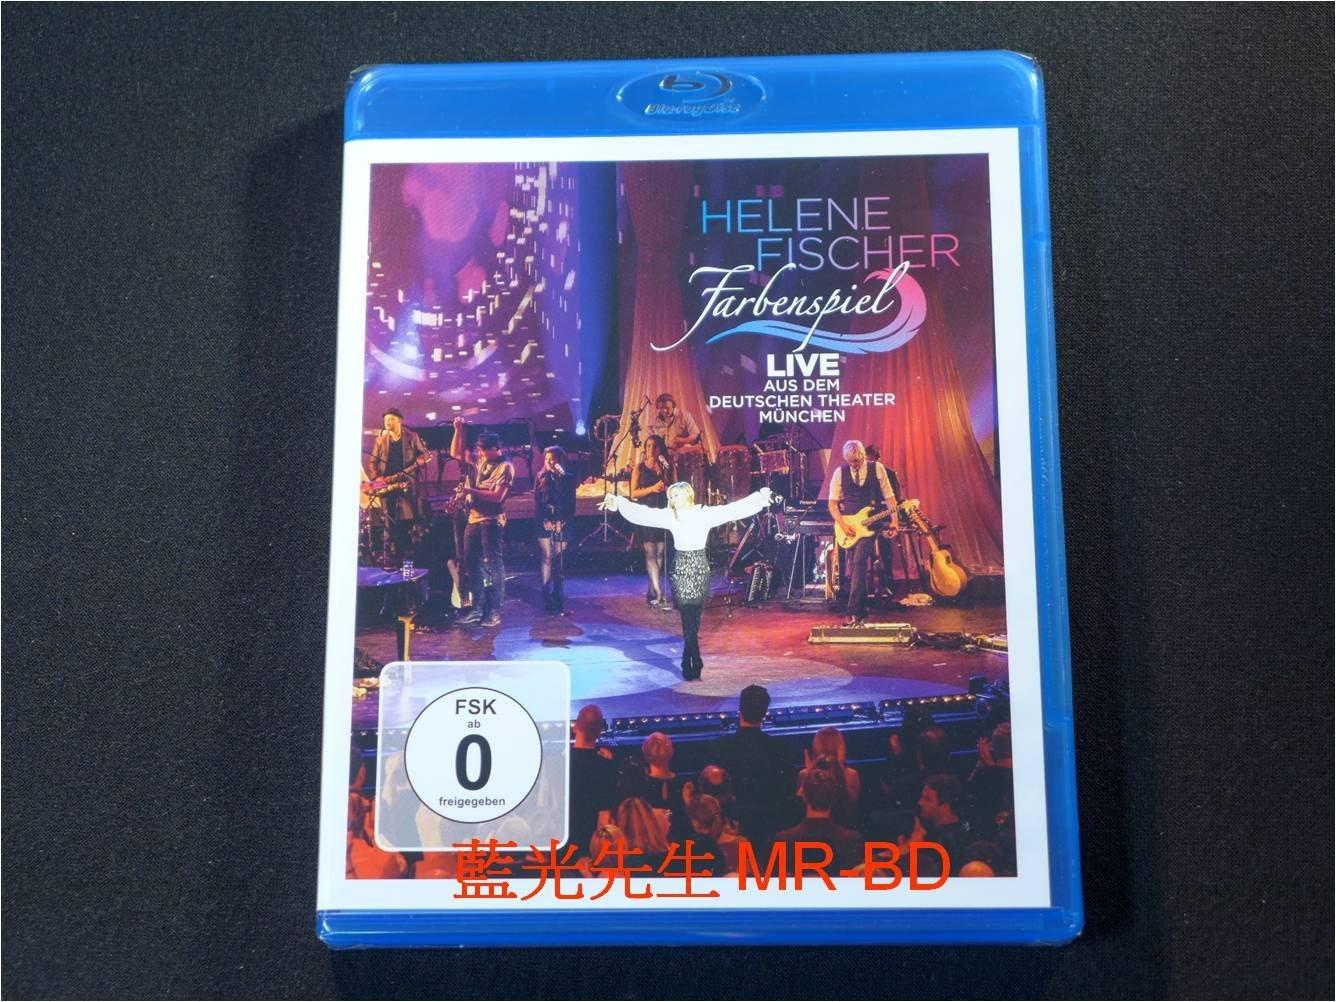 [藍光BD] - 海倫費莎 : 慕尼黑現場演唱會 Helene Fischer : Farbensoiel BD-50G